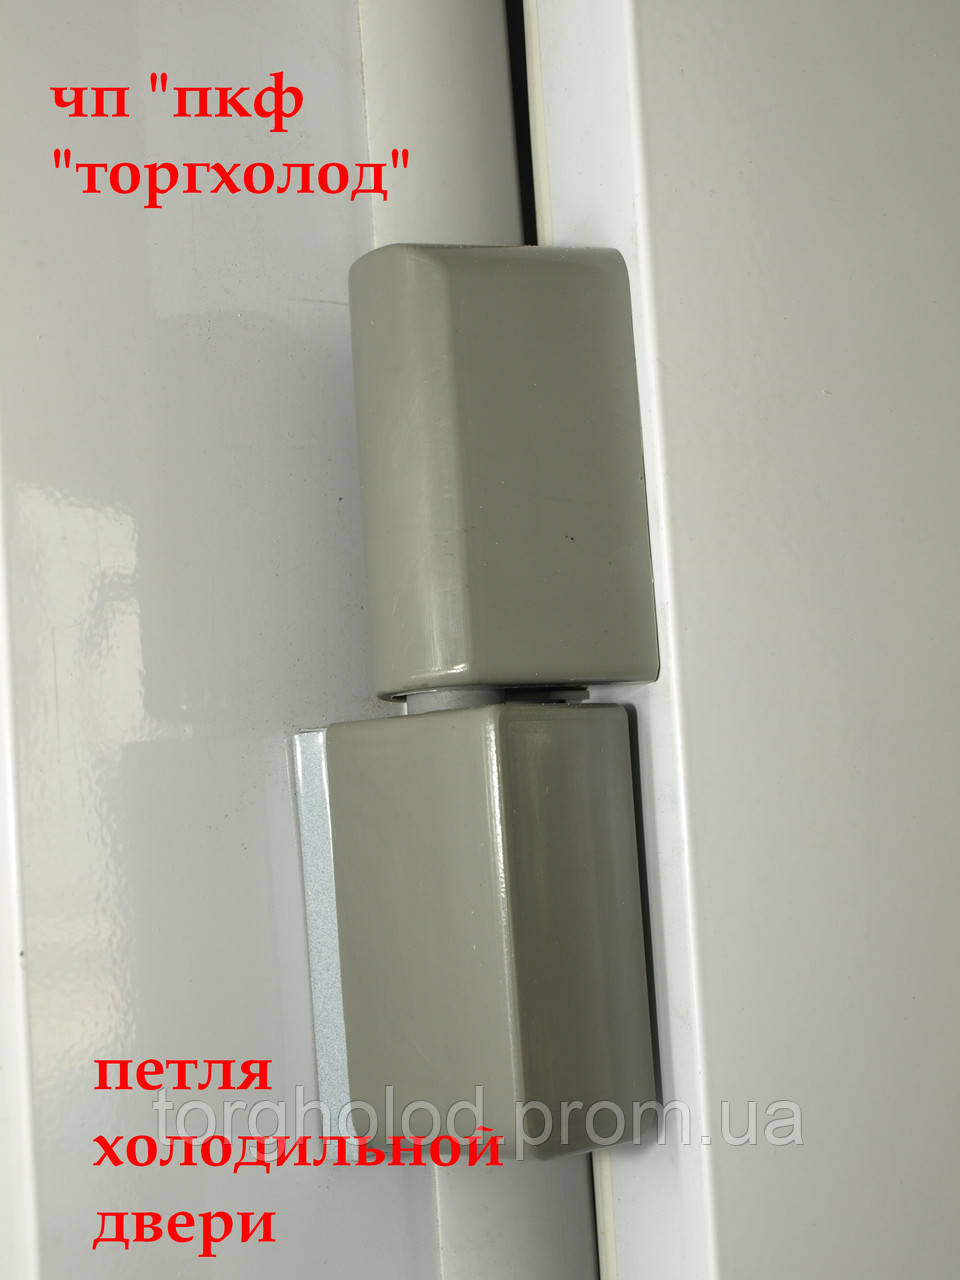 Шарнирыпетли для встроенных холодильниокв импорных в иркутске